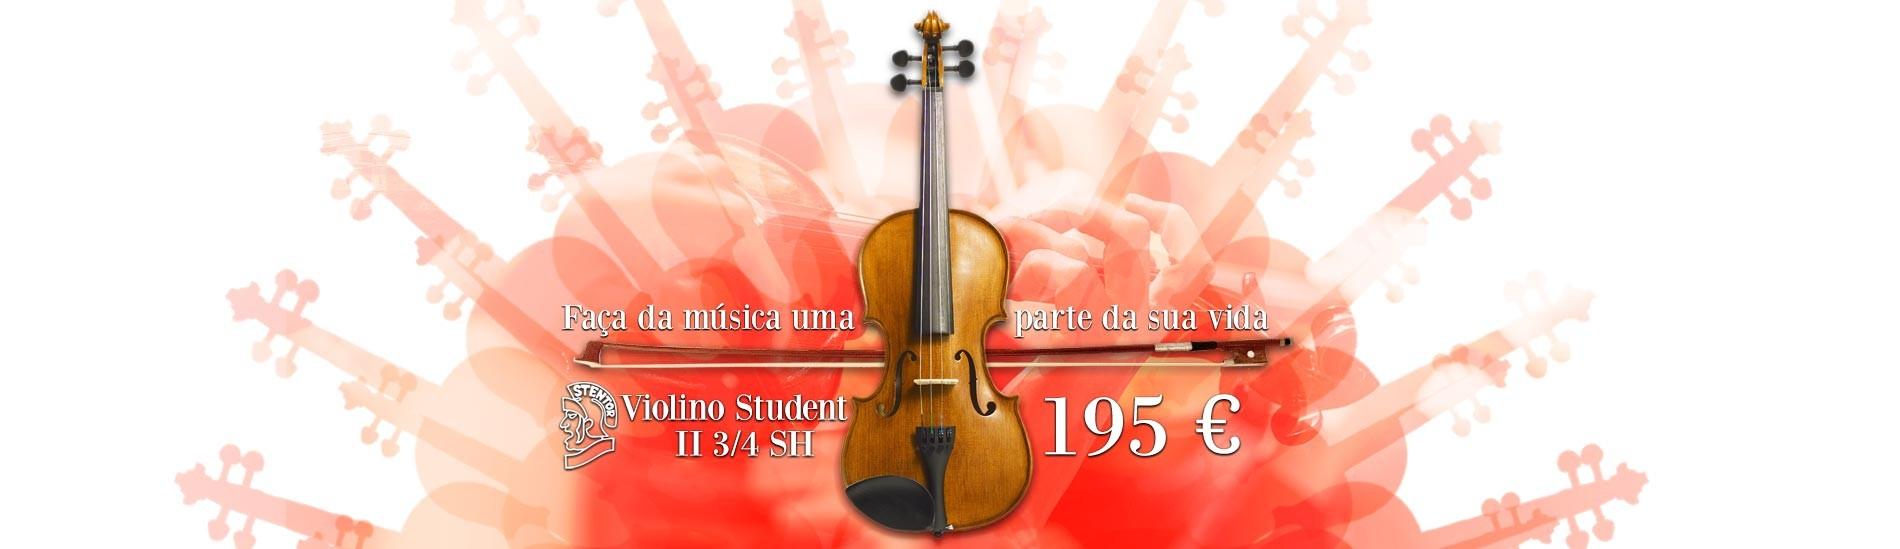 violino-stentor-portugues